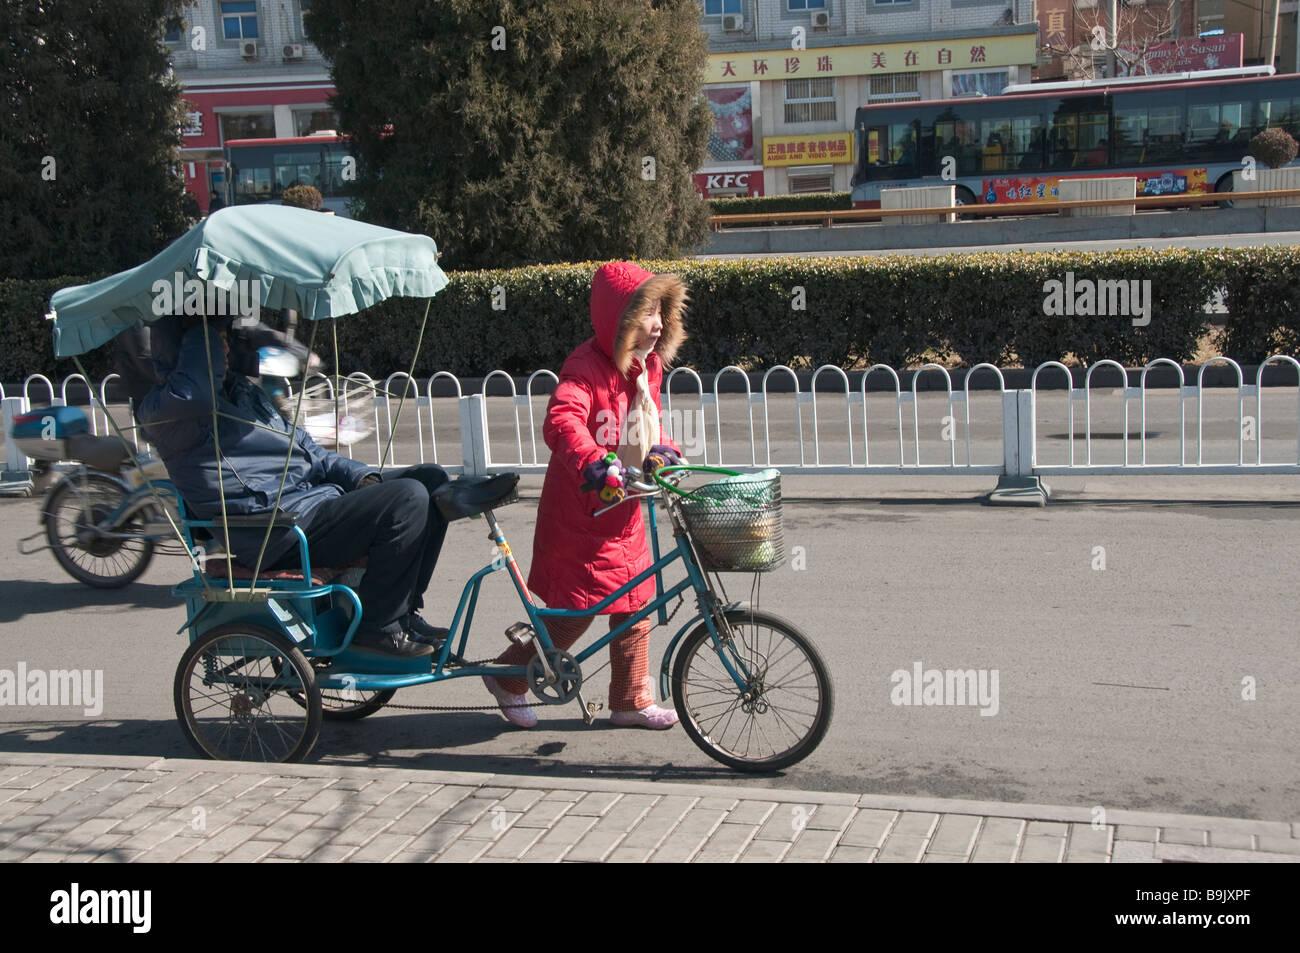 Modern Rickshaw, Beijing, China - Stock Image